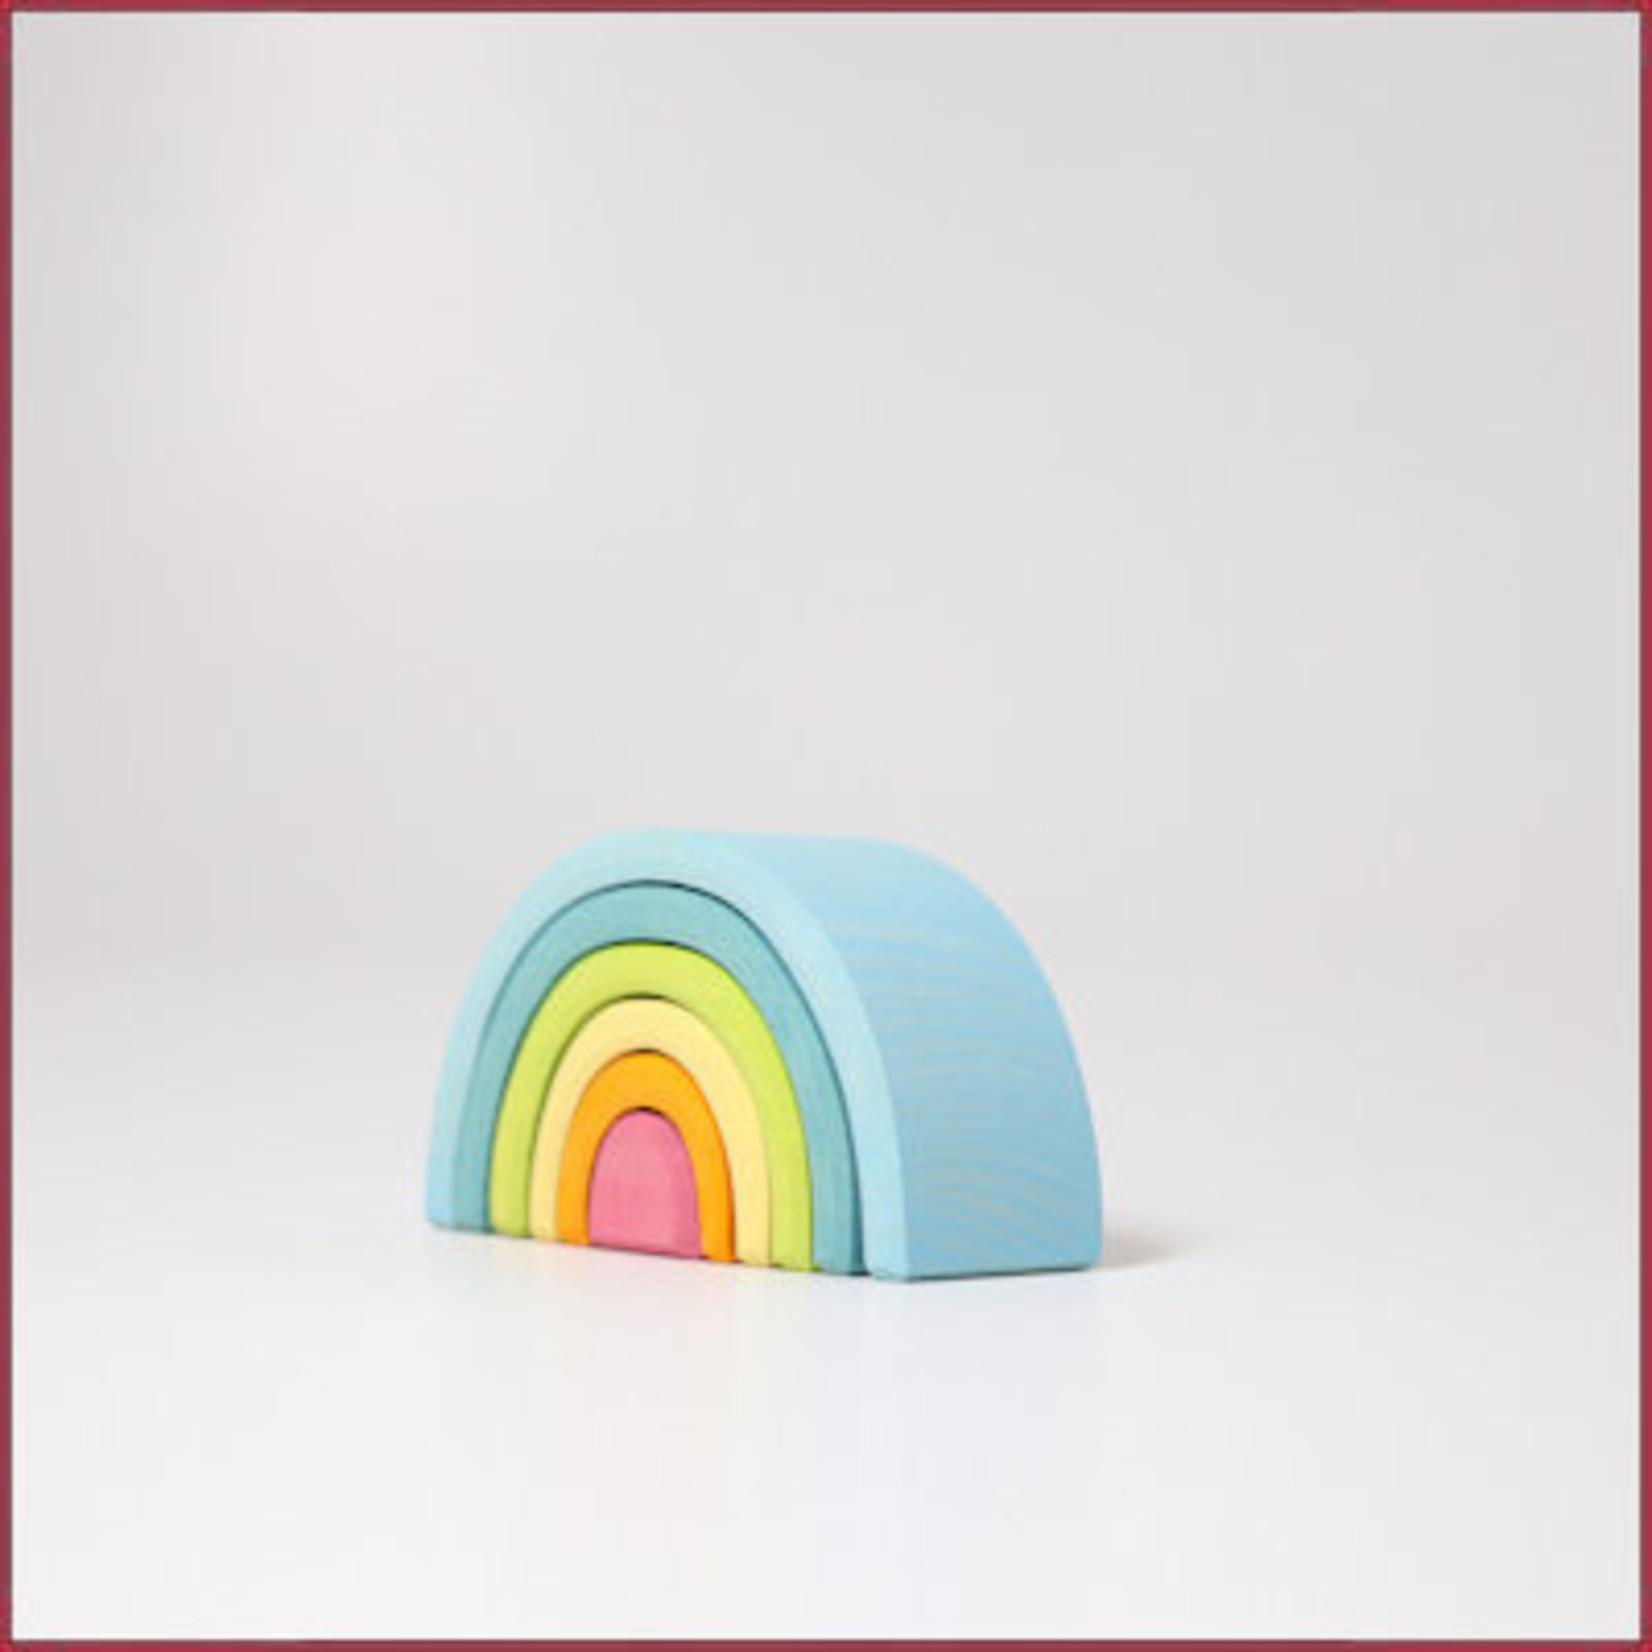 Grimm's Pastel Regenbogen klein